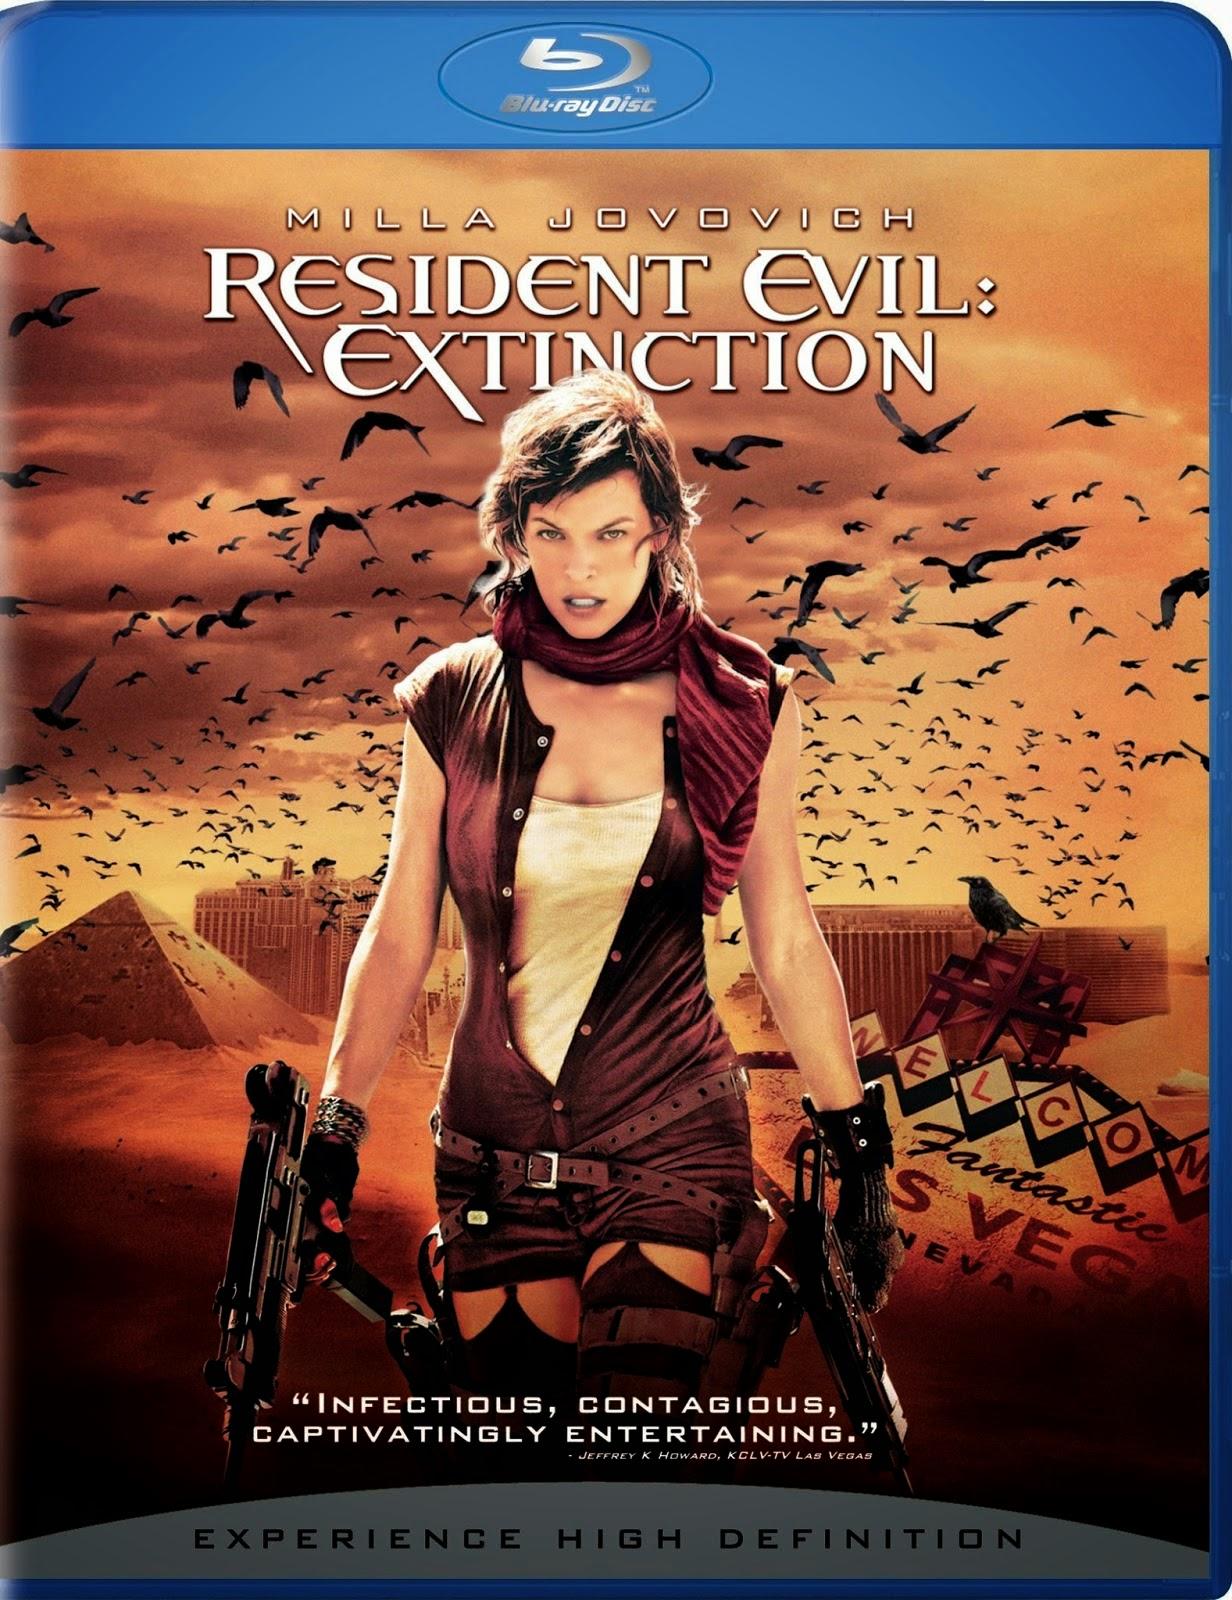 Resident Evil :Extinction (2007) : ผีชีวะ 3 :สงครามสูญพันธุ์ไวรัส